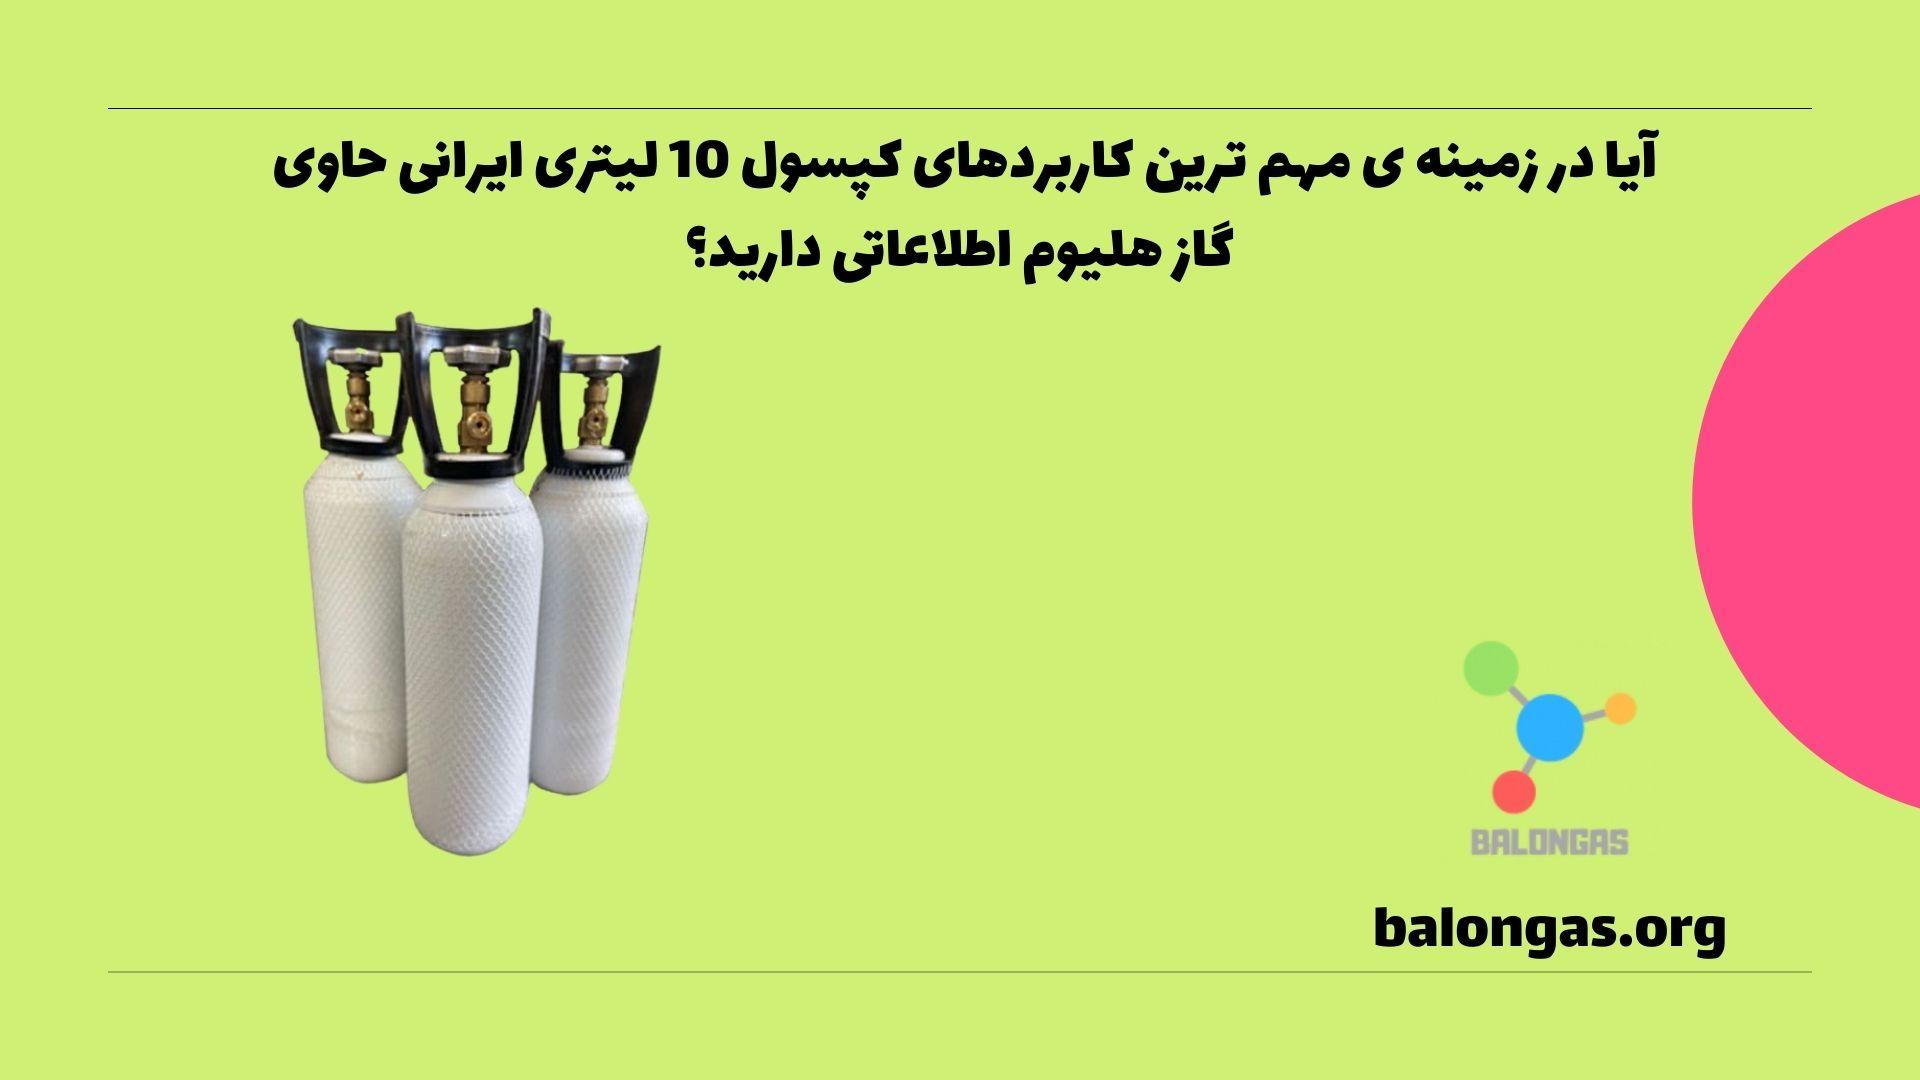 آیا در زمینه ی مهم ترین کاربردهای کپسول 10 لیتری ایرانی حاوی گاز هلیوم اطلاعاتی دارید؟